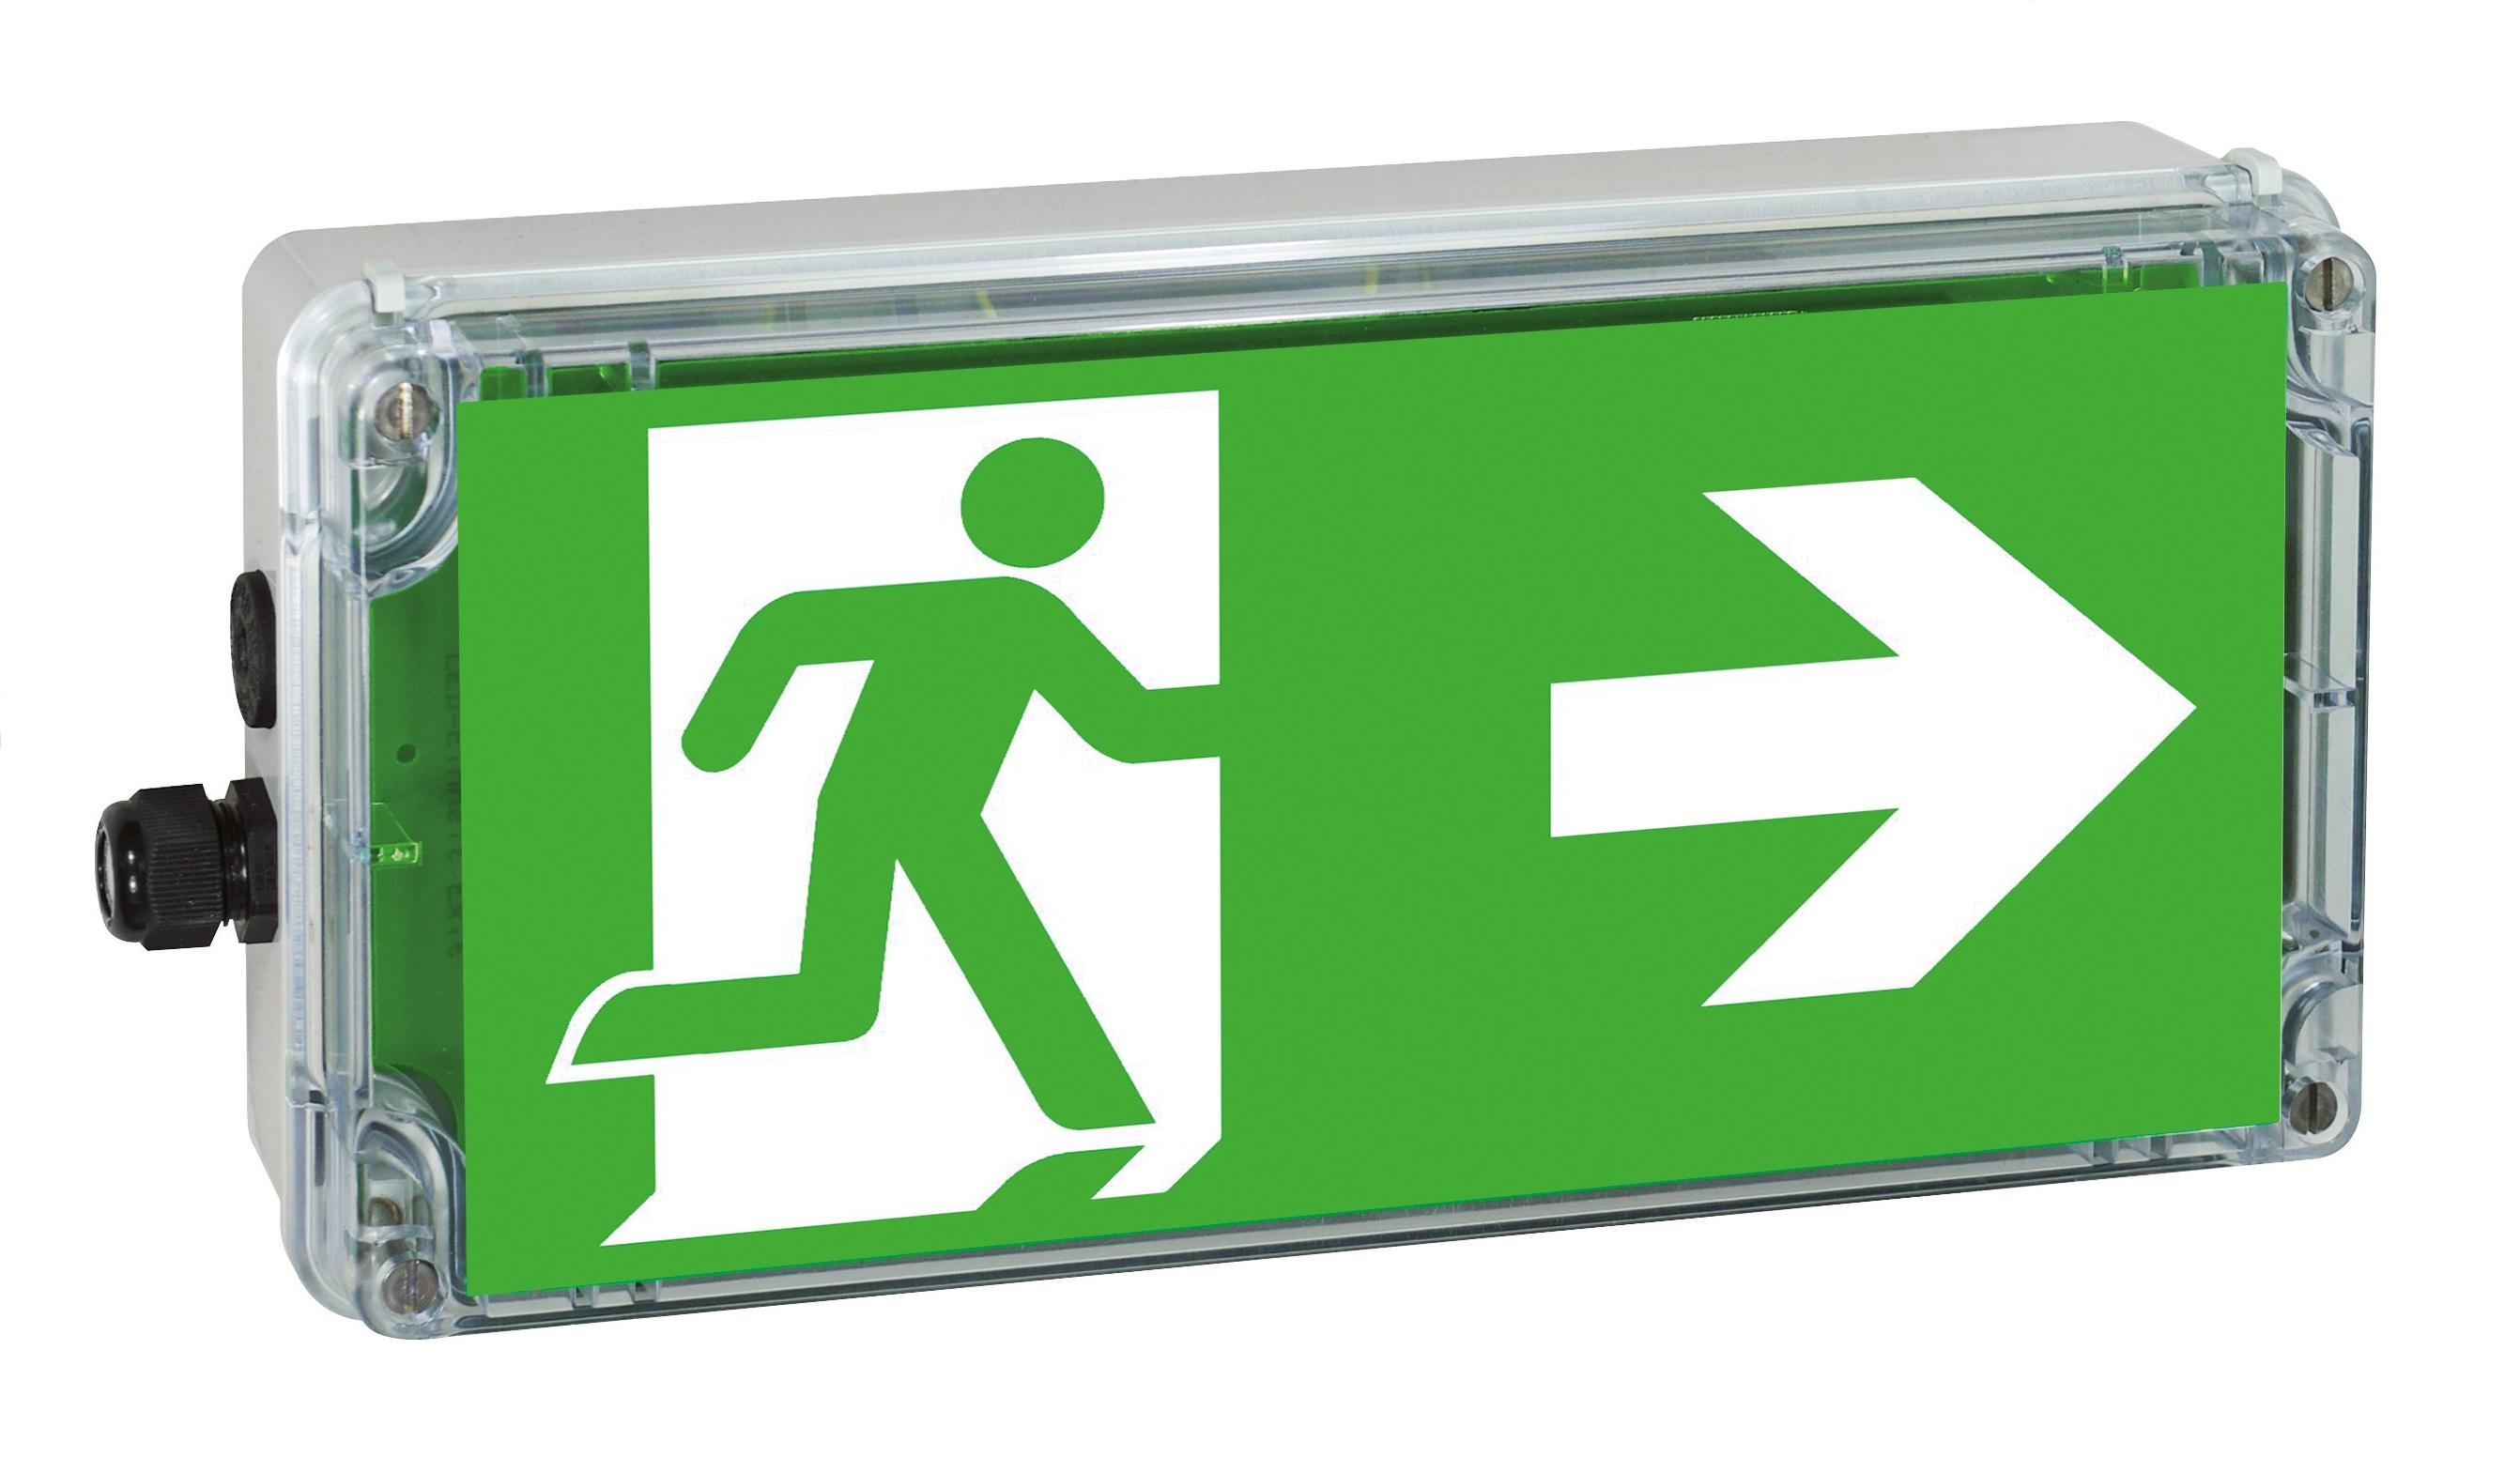 Ex-Notleuchte EXIT Zone 1/21 LED 230 VAC/DC, Pfeil rechts